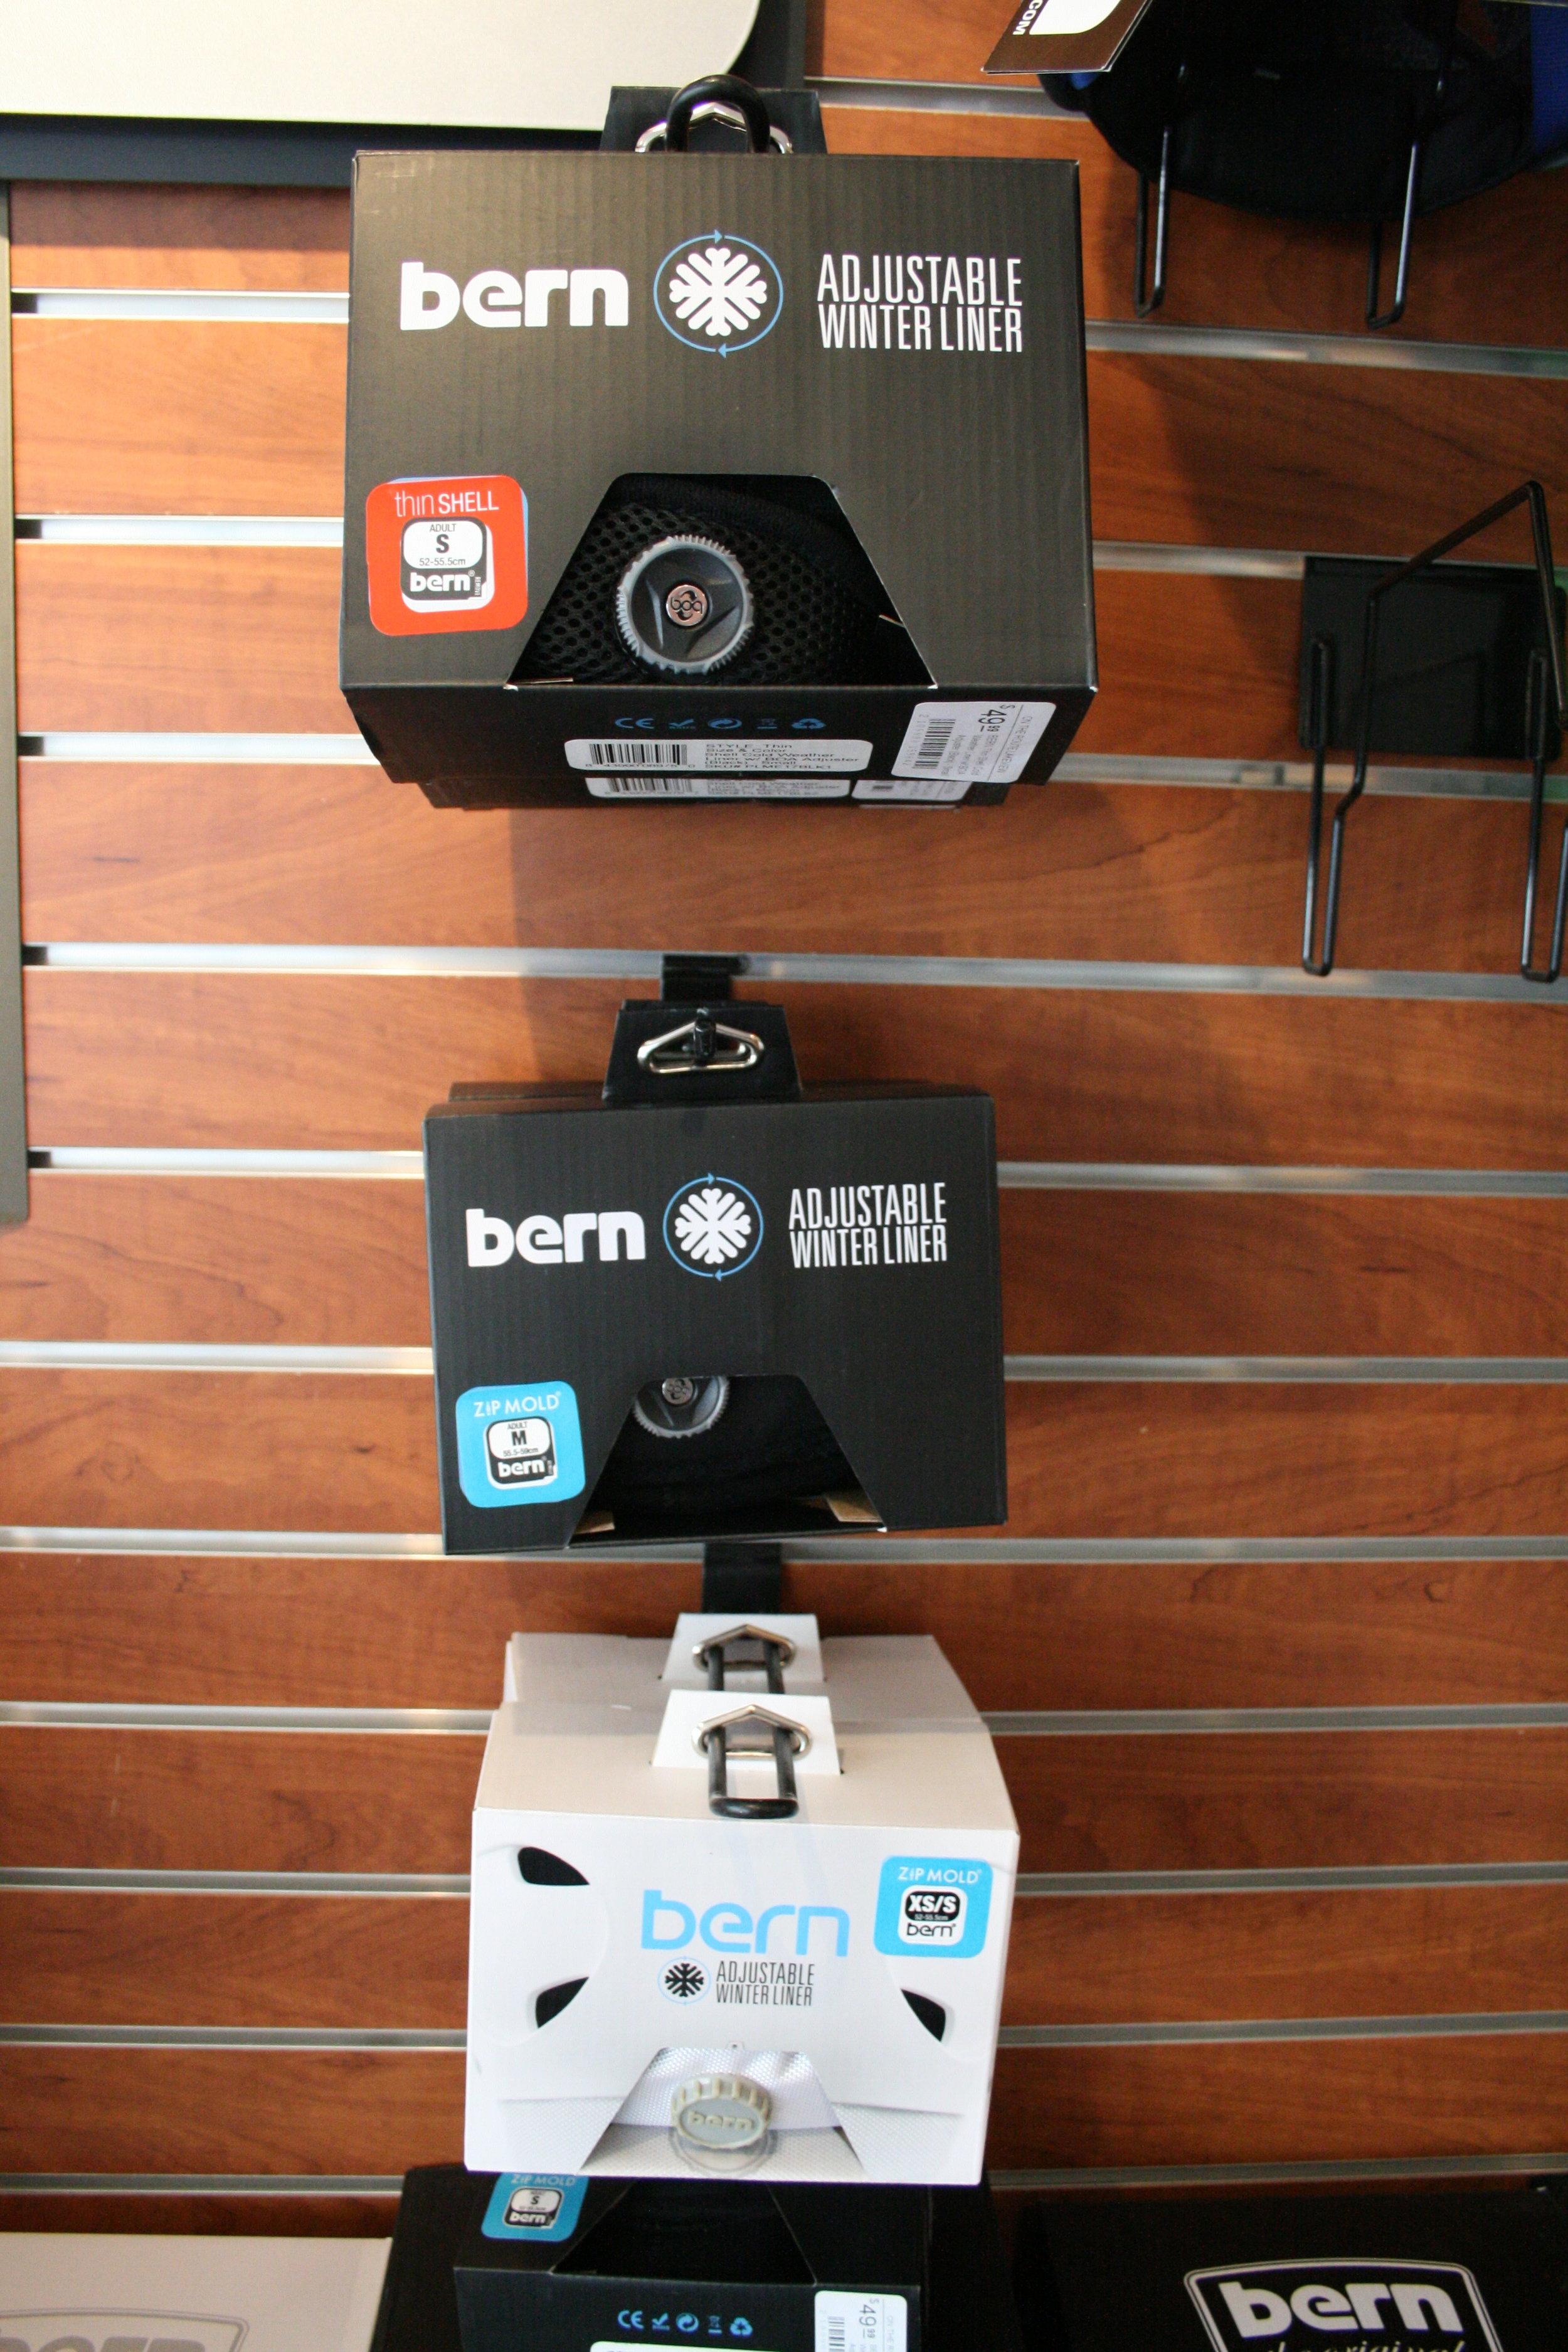 Bern Adjustable Winter Liners - $49.99